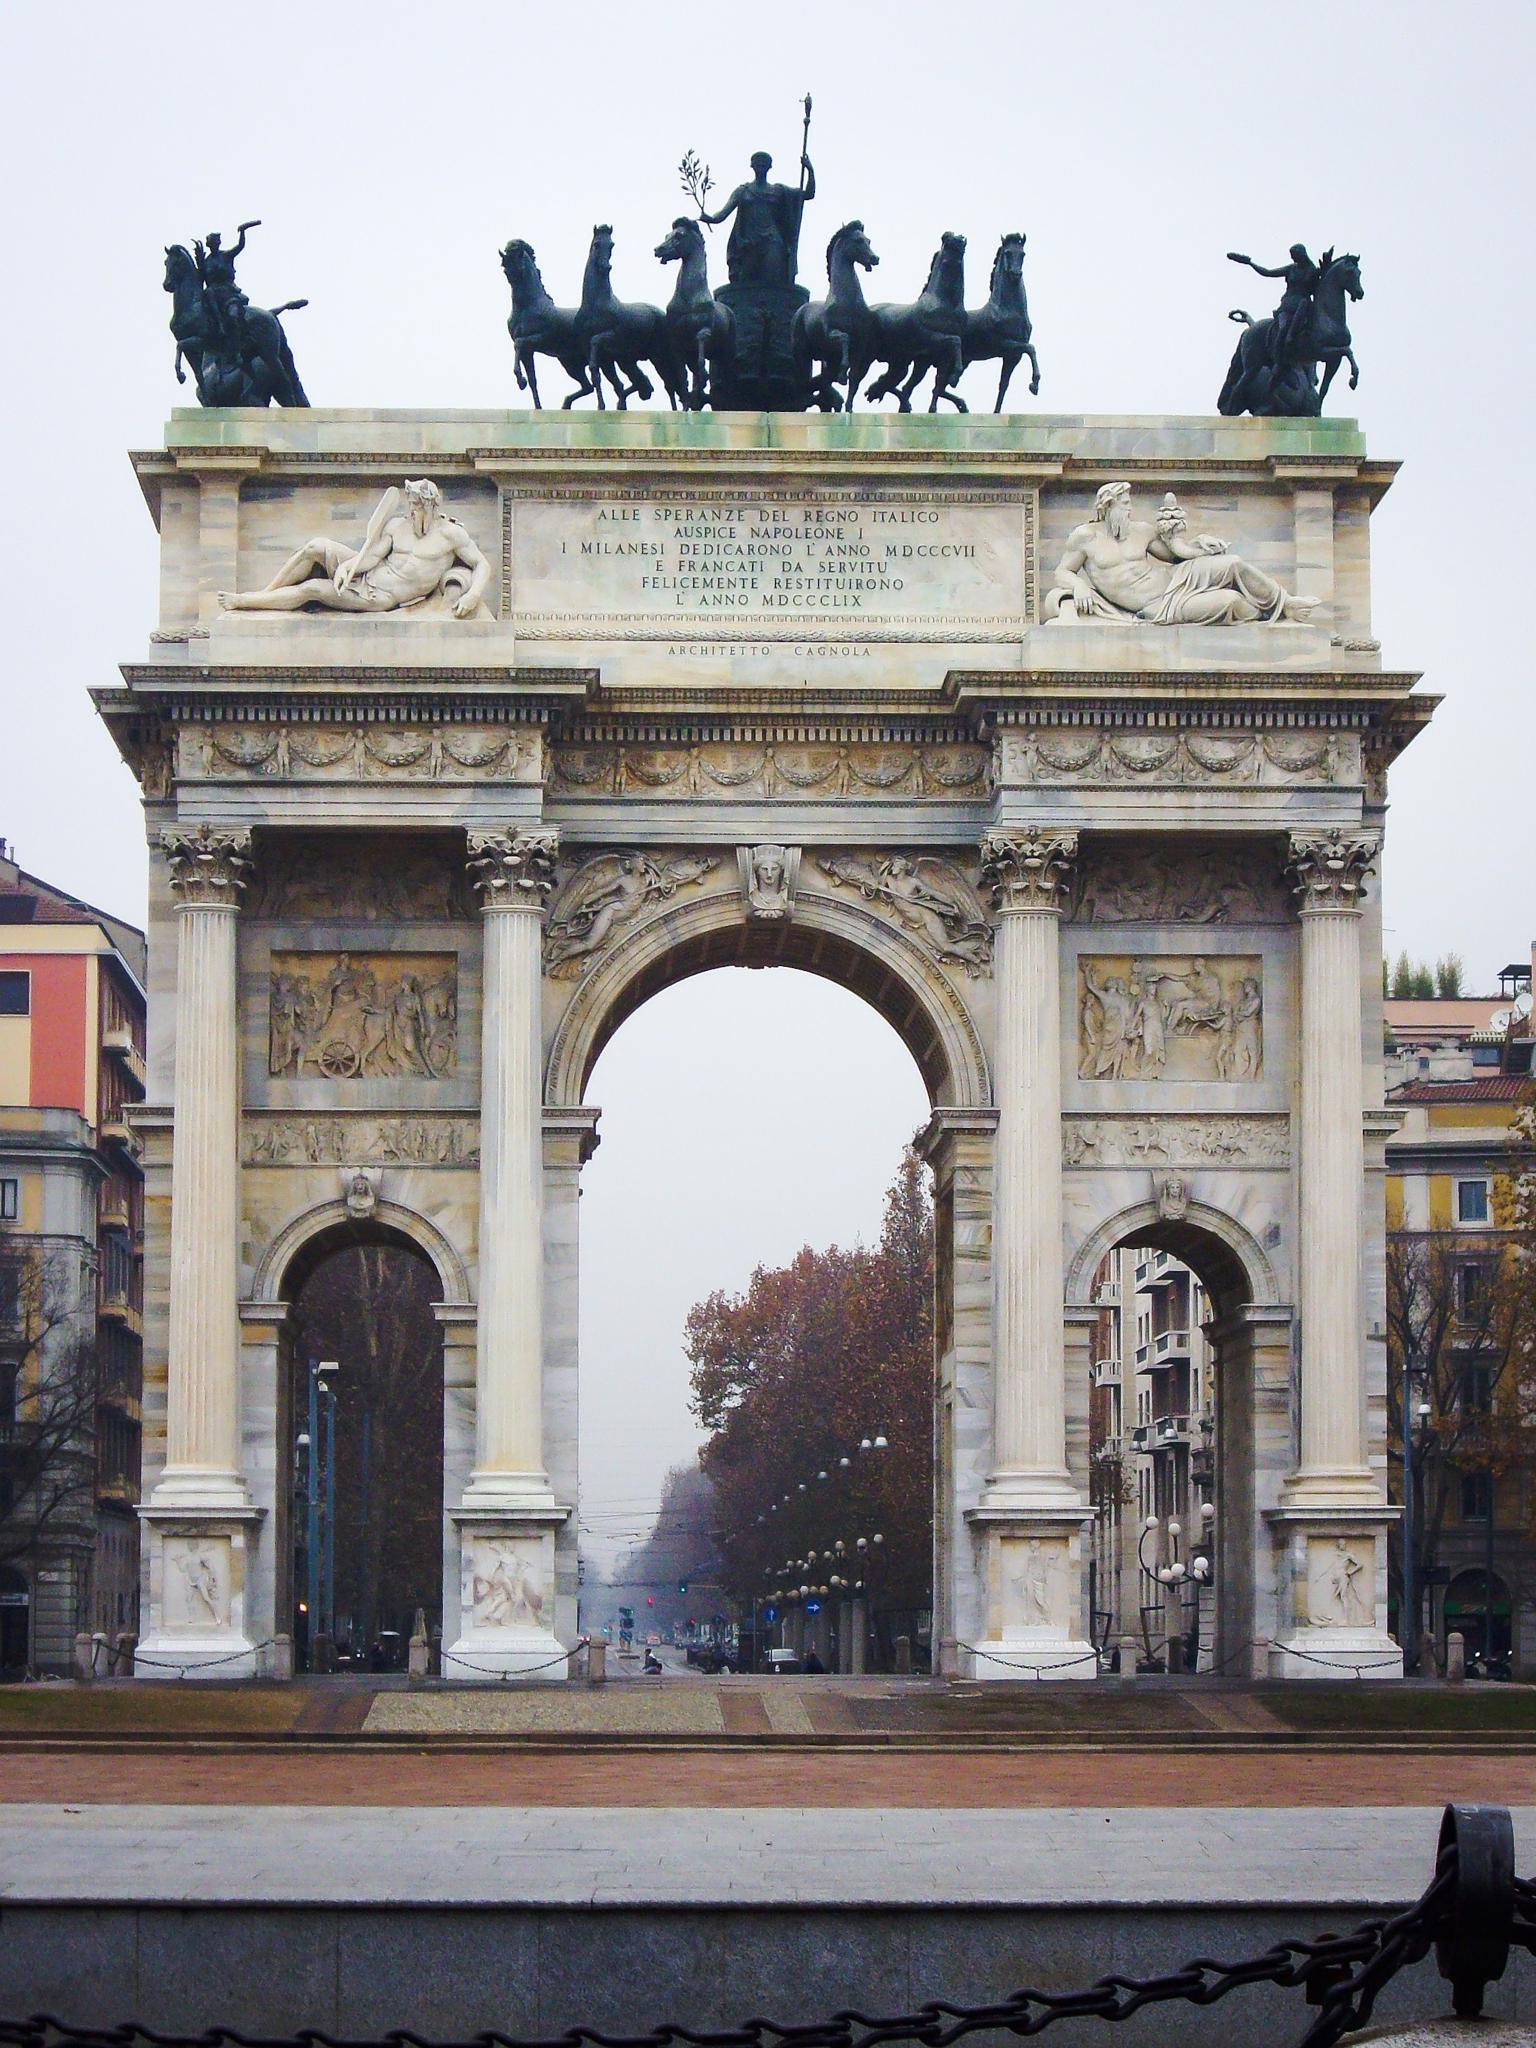 Arco de la Paz (Milano - Italy) by Angel Alicarte Lopez